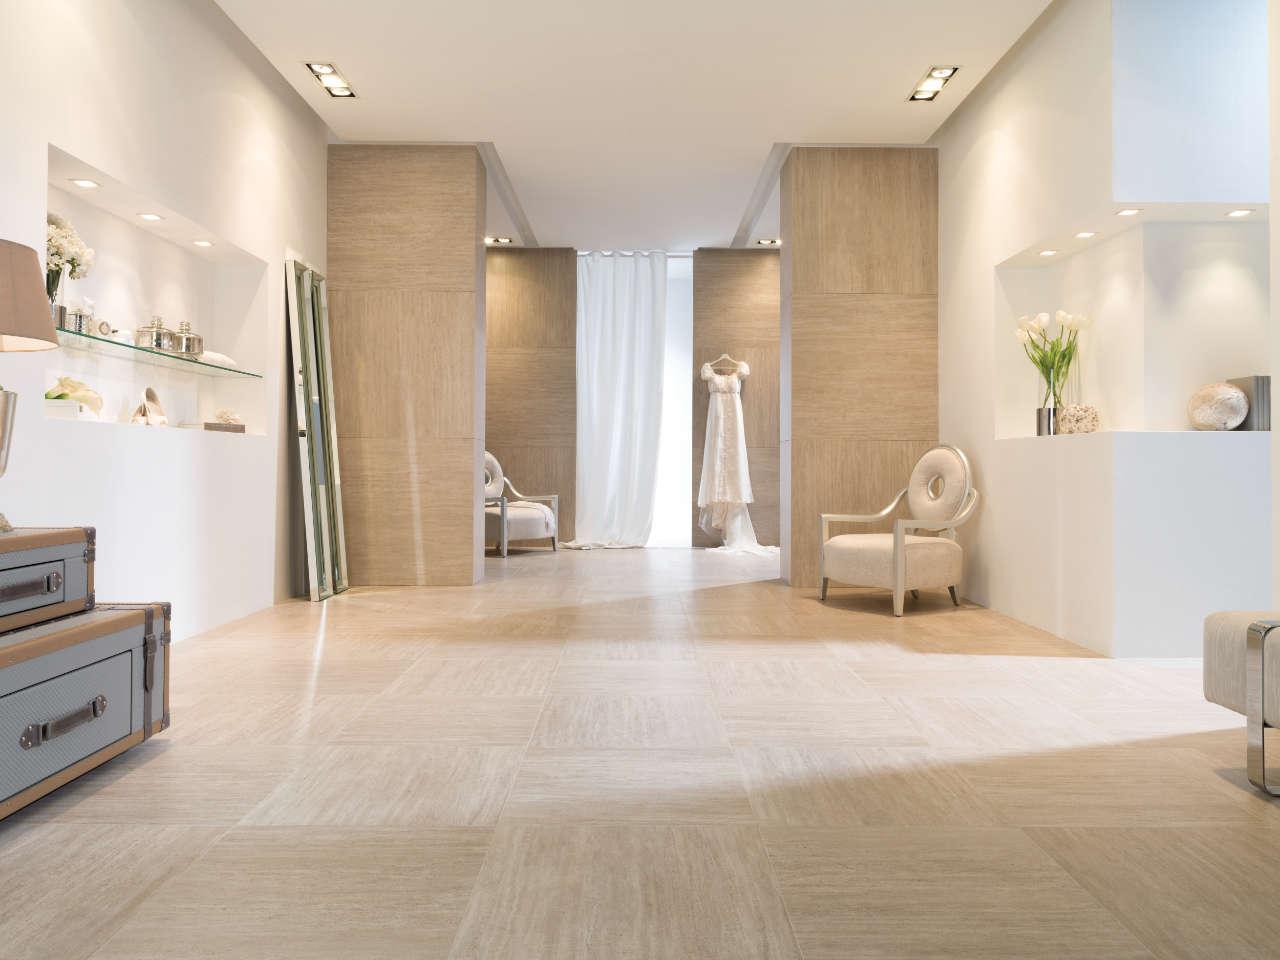 Rivestimenti grandi formati e spessori sottili sabia for Suelo imitacion marmol